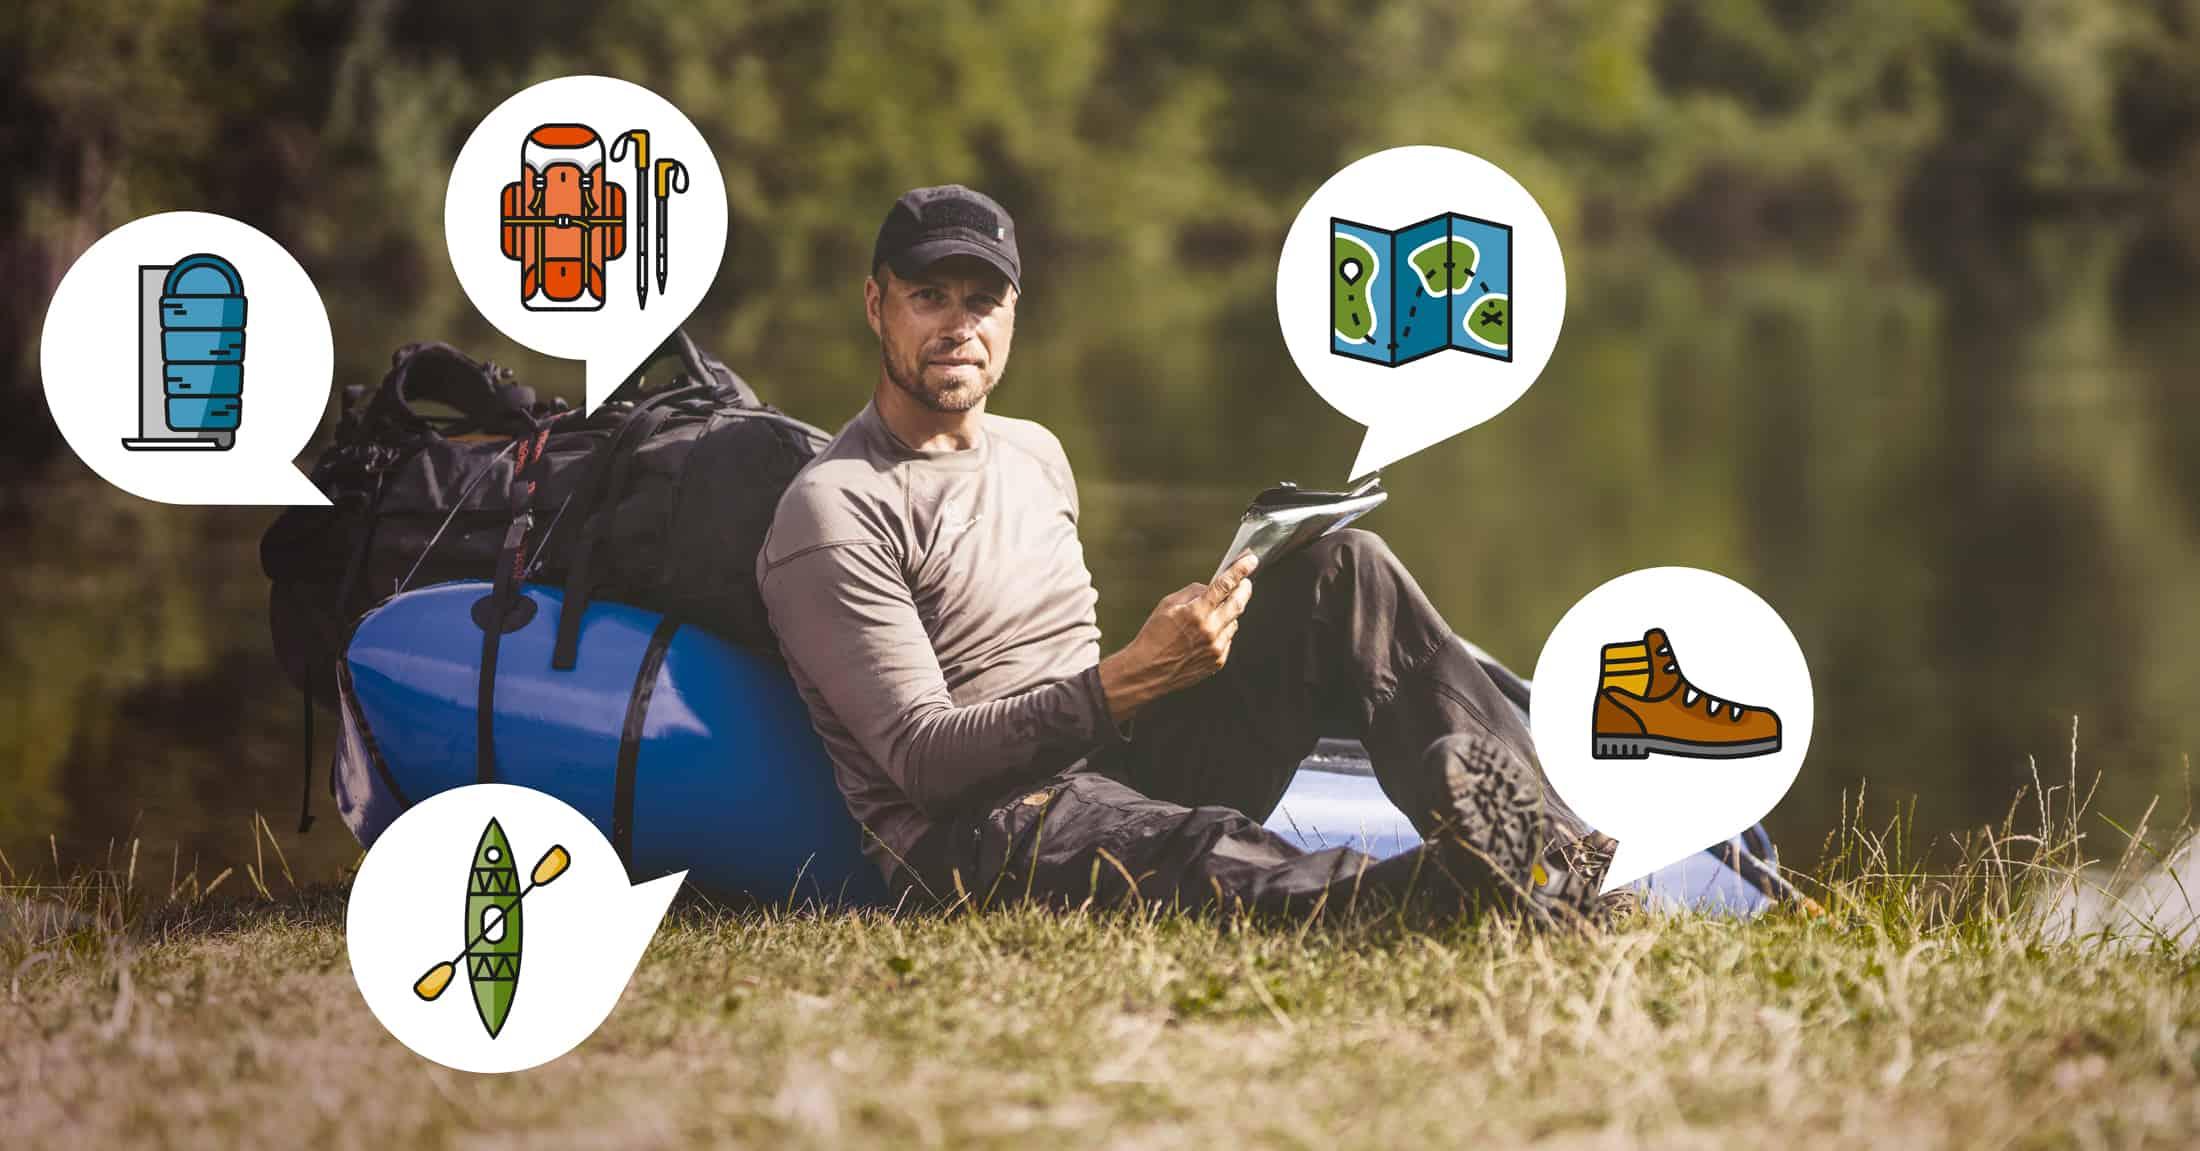 Erik B. Jørgensen sider ved en packraft ved en sø, masser af ikoner omkring ham, som viser emner fra hans outdoorblog/firluftslivblog